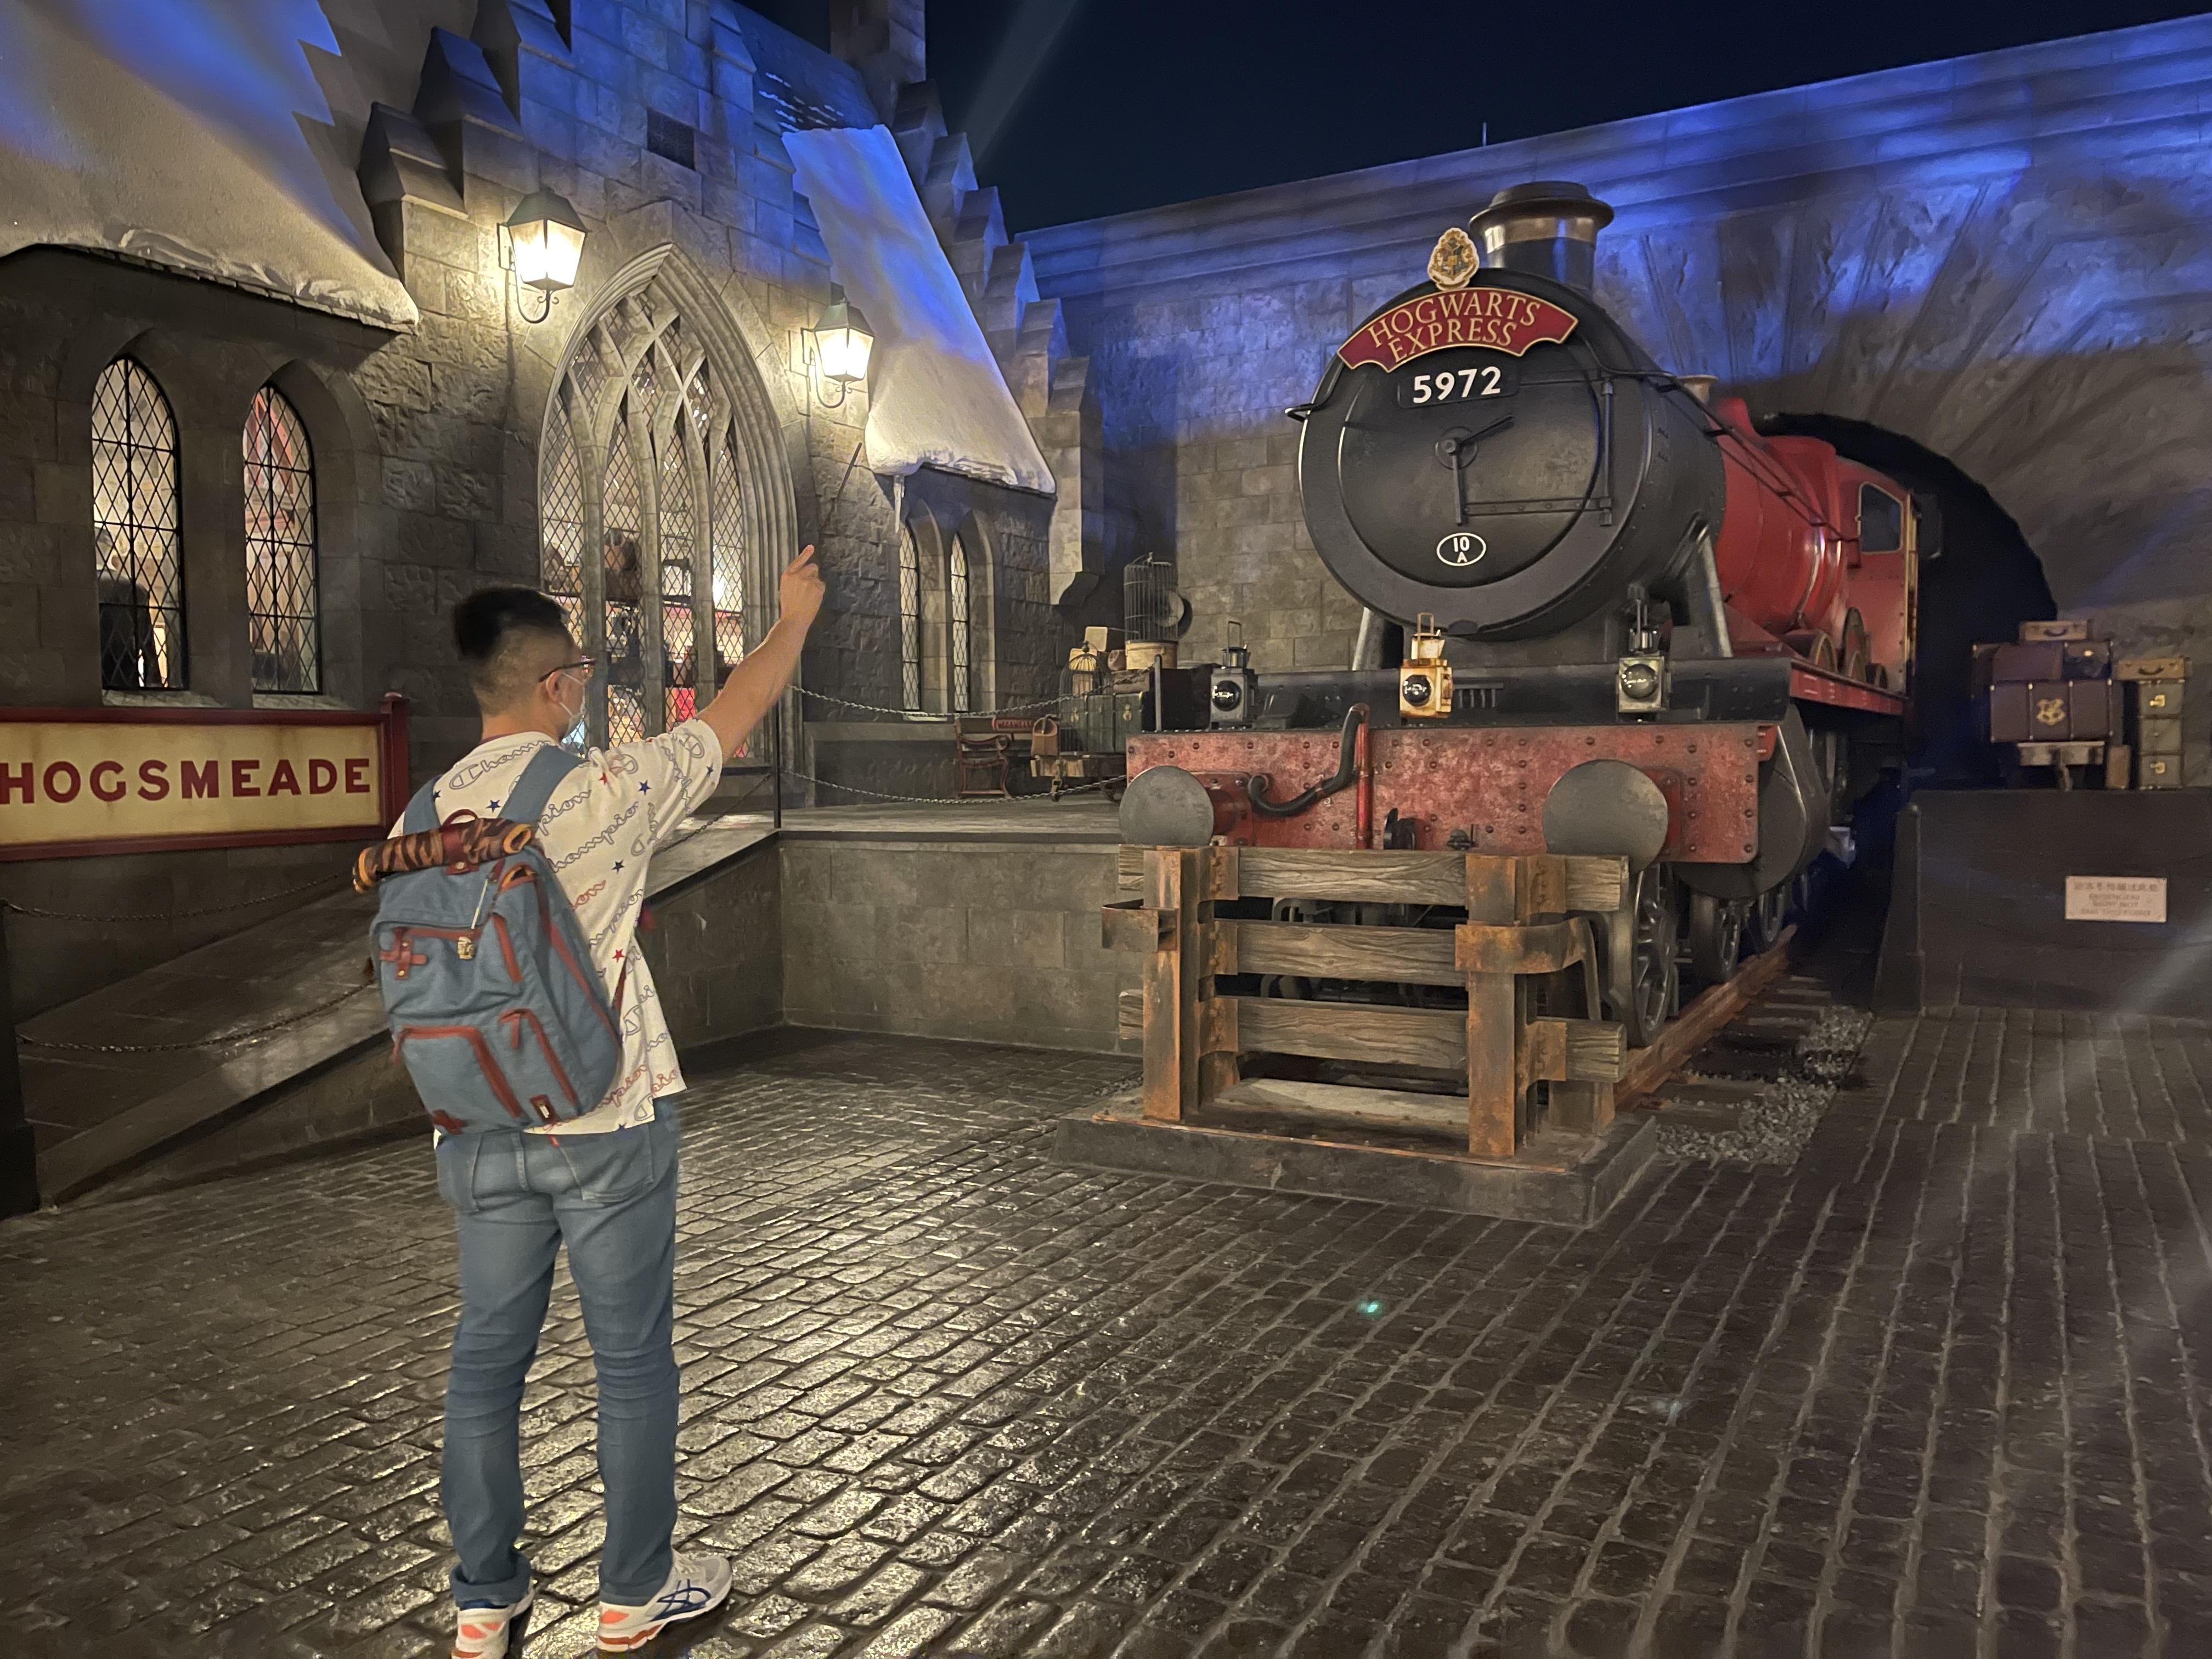 """园区内有不少魔杖可以触发的互动,游客正在尝试用魔杖触发让火车鸣笛的""""魔法""""。"""